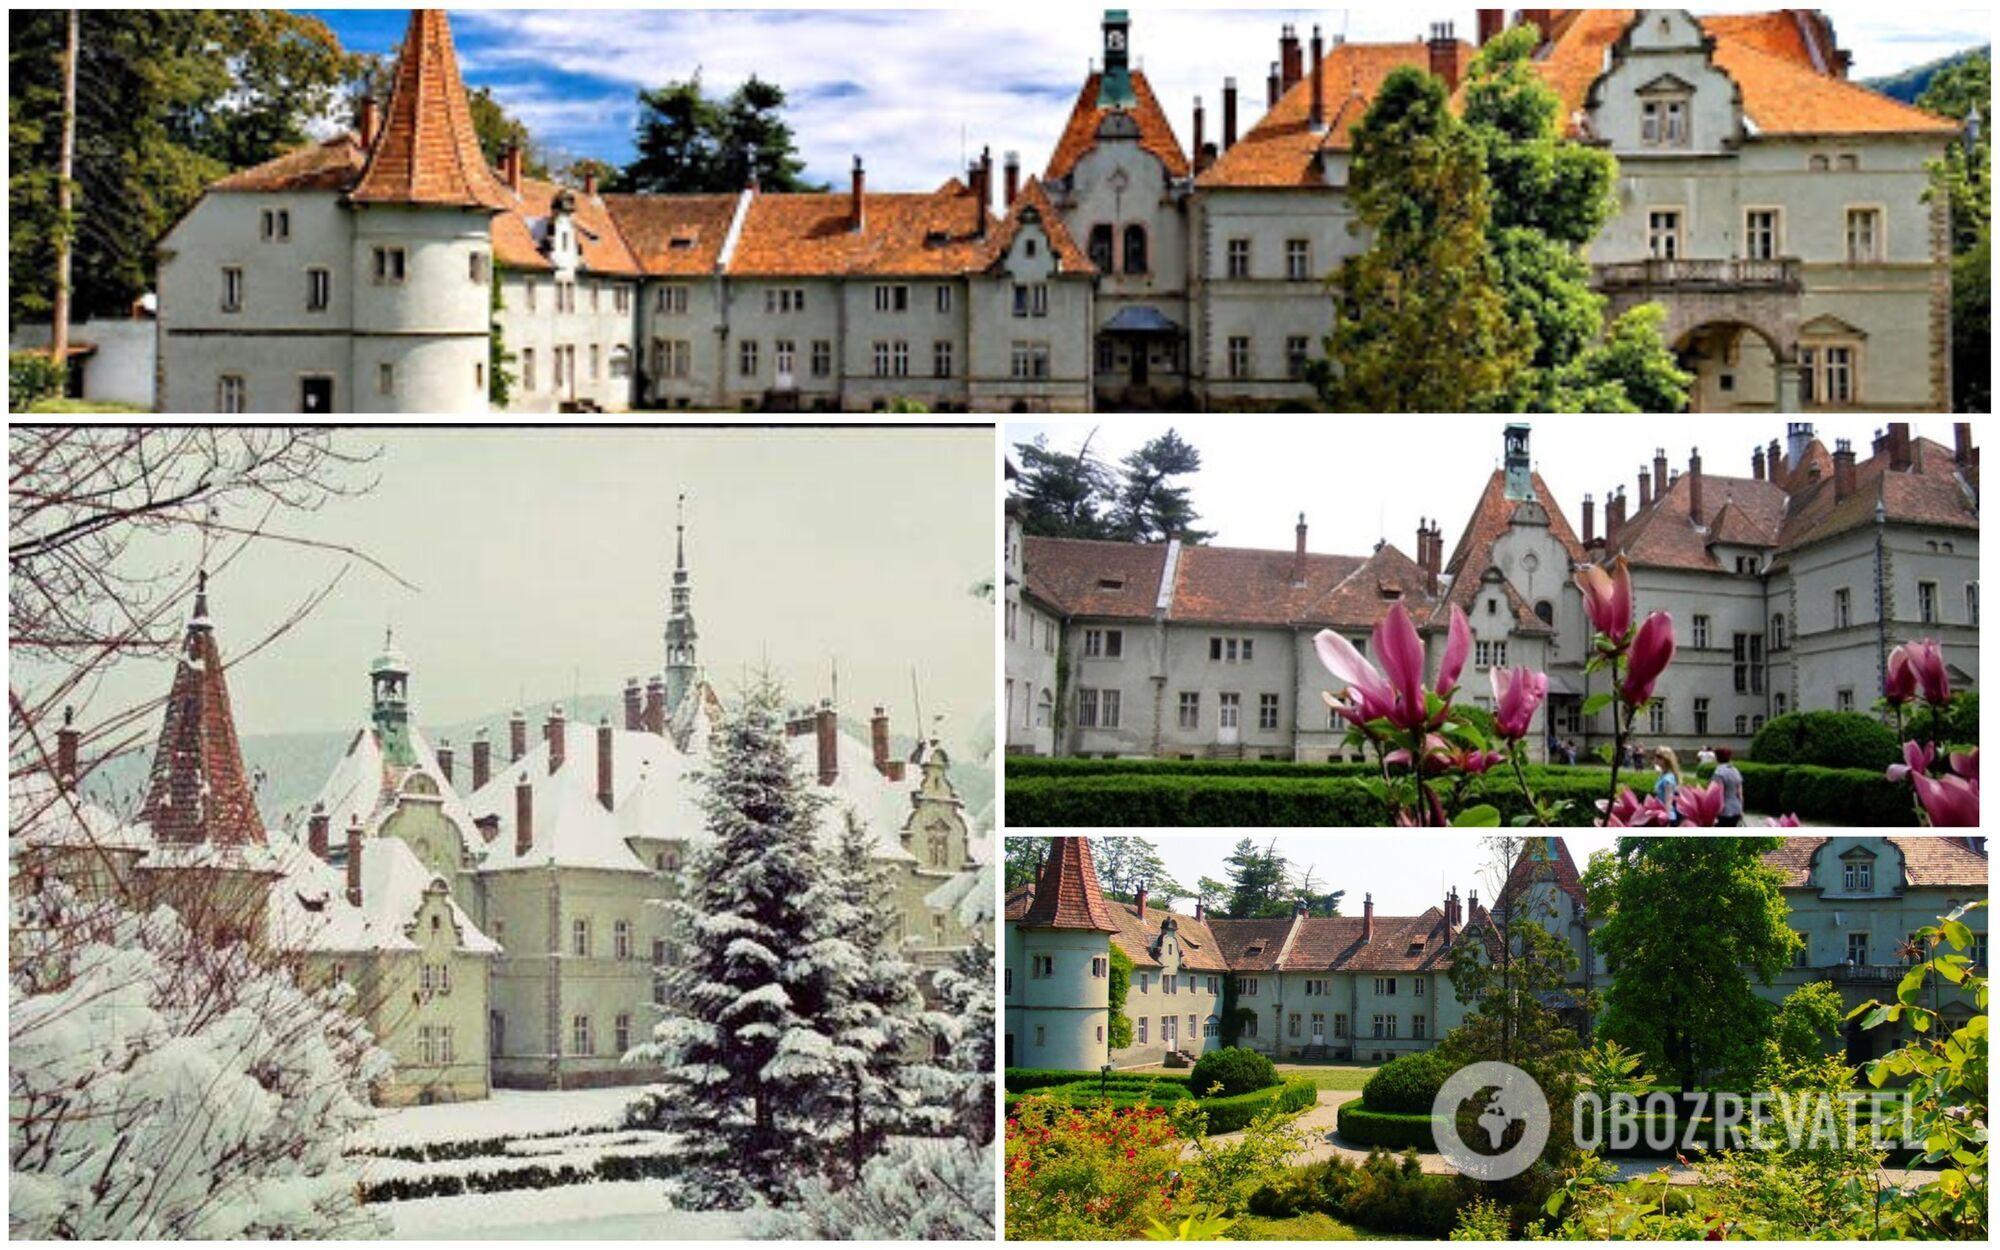 Этот замок ранее принадлежал аристократам Шенборнам